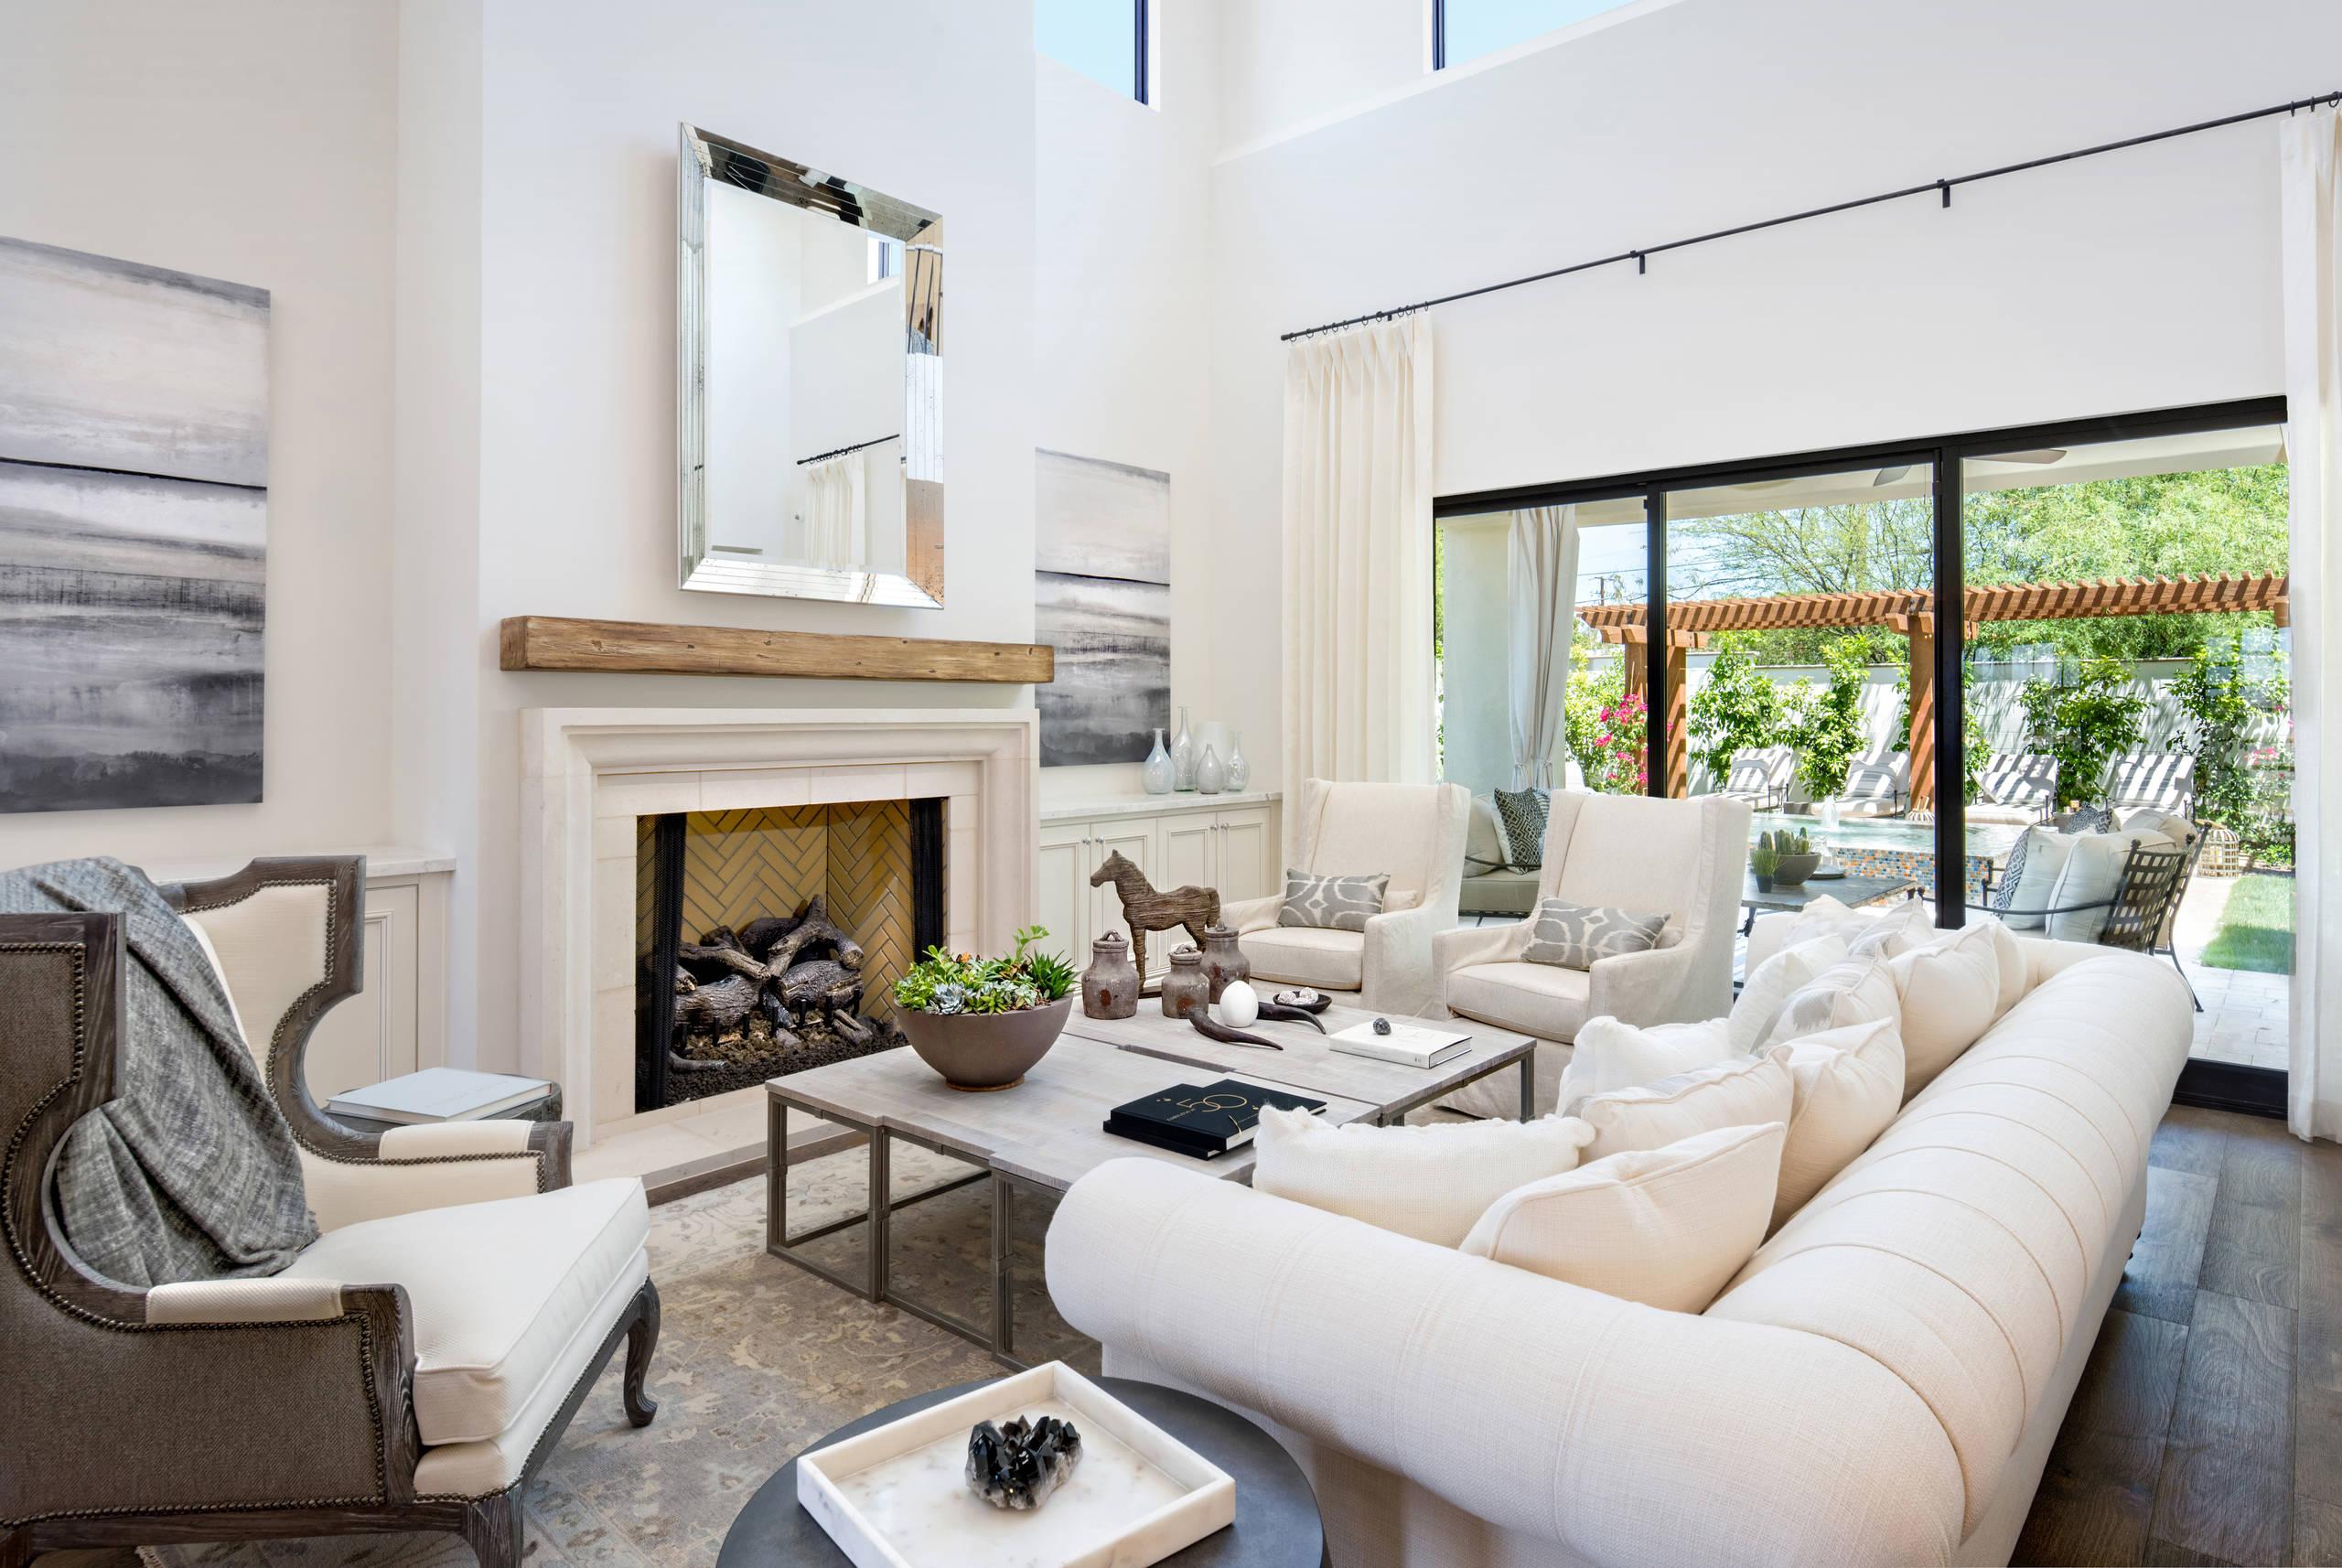 客厅馨浪漫的装修格调,无不透露出业主骨子里追求品质,质朴轻松的生活态度。